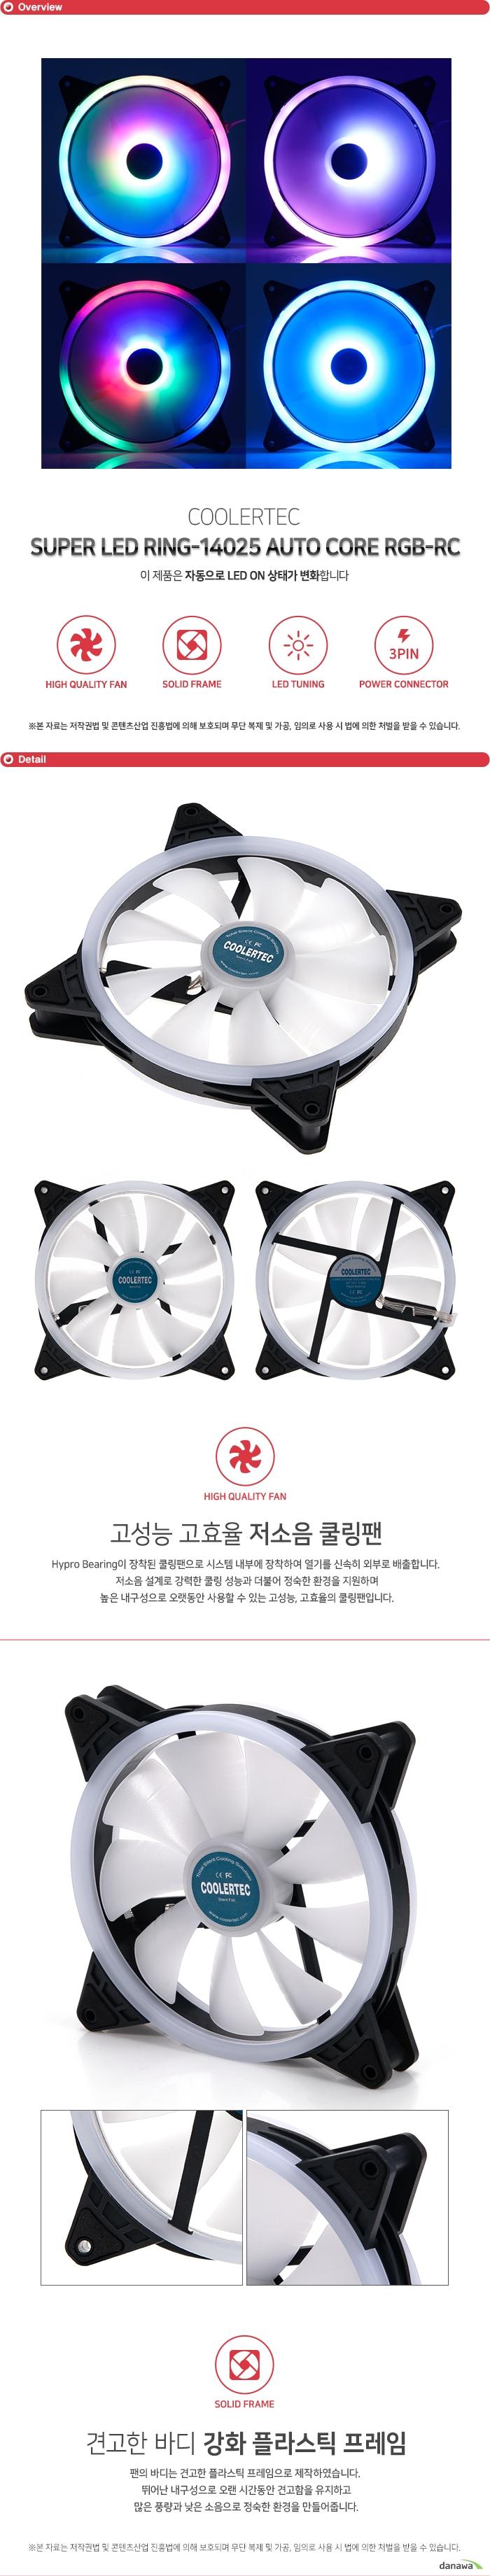 COOLERTEC SUPER LED RING-14025 AUTO CORE RGB-R/C